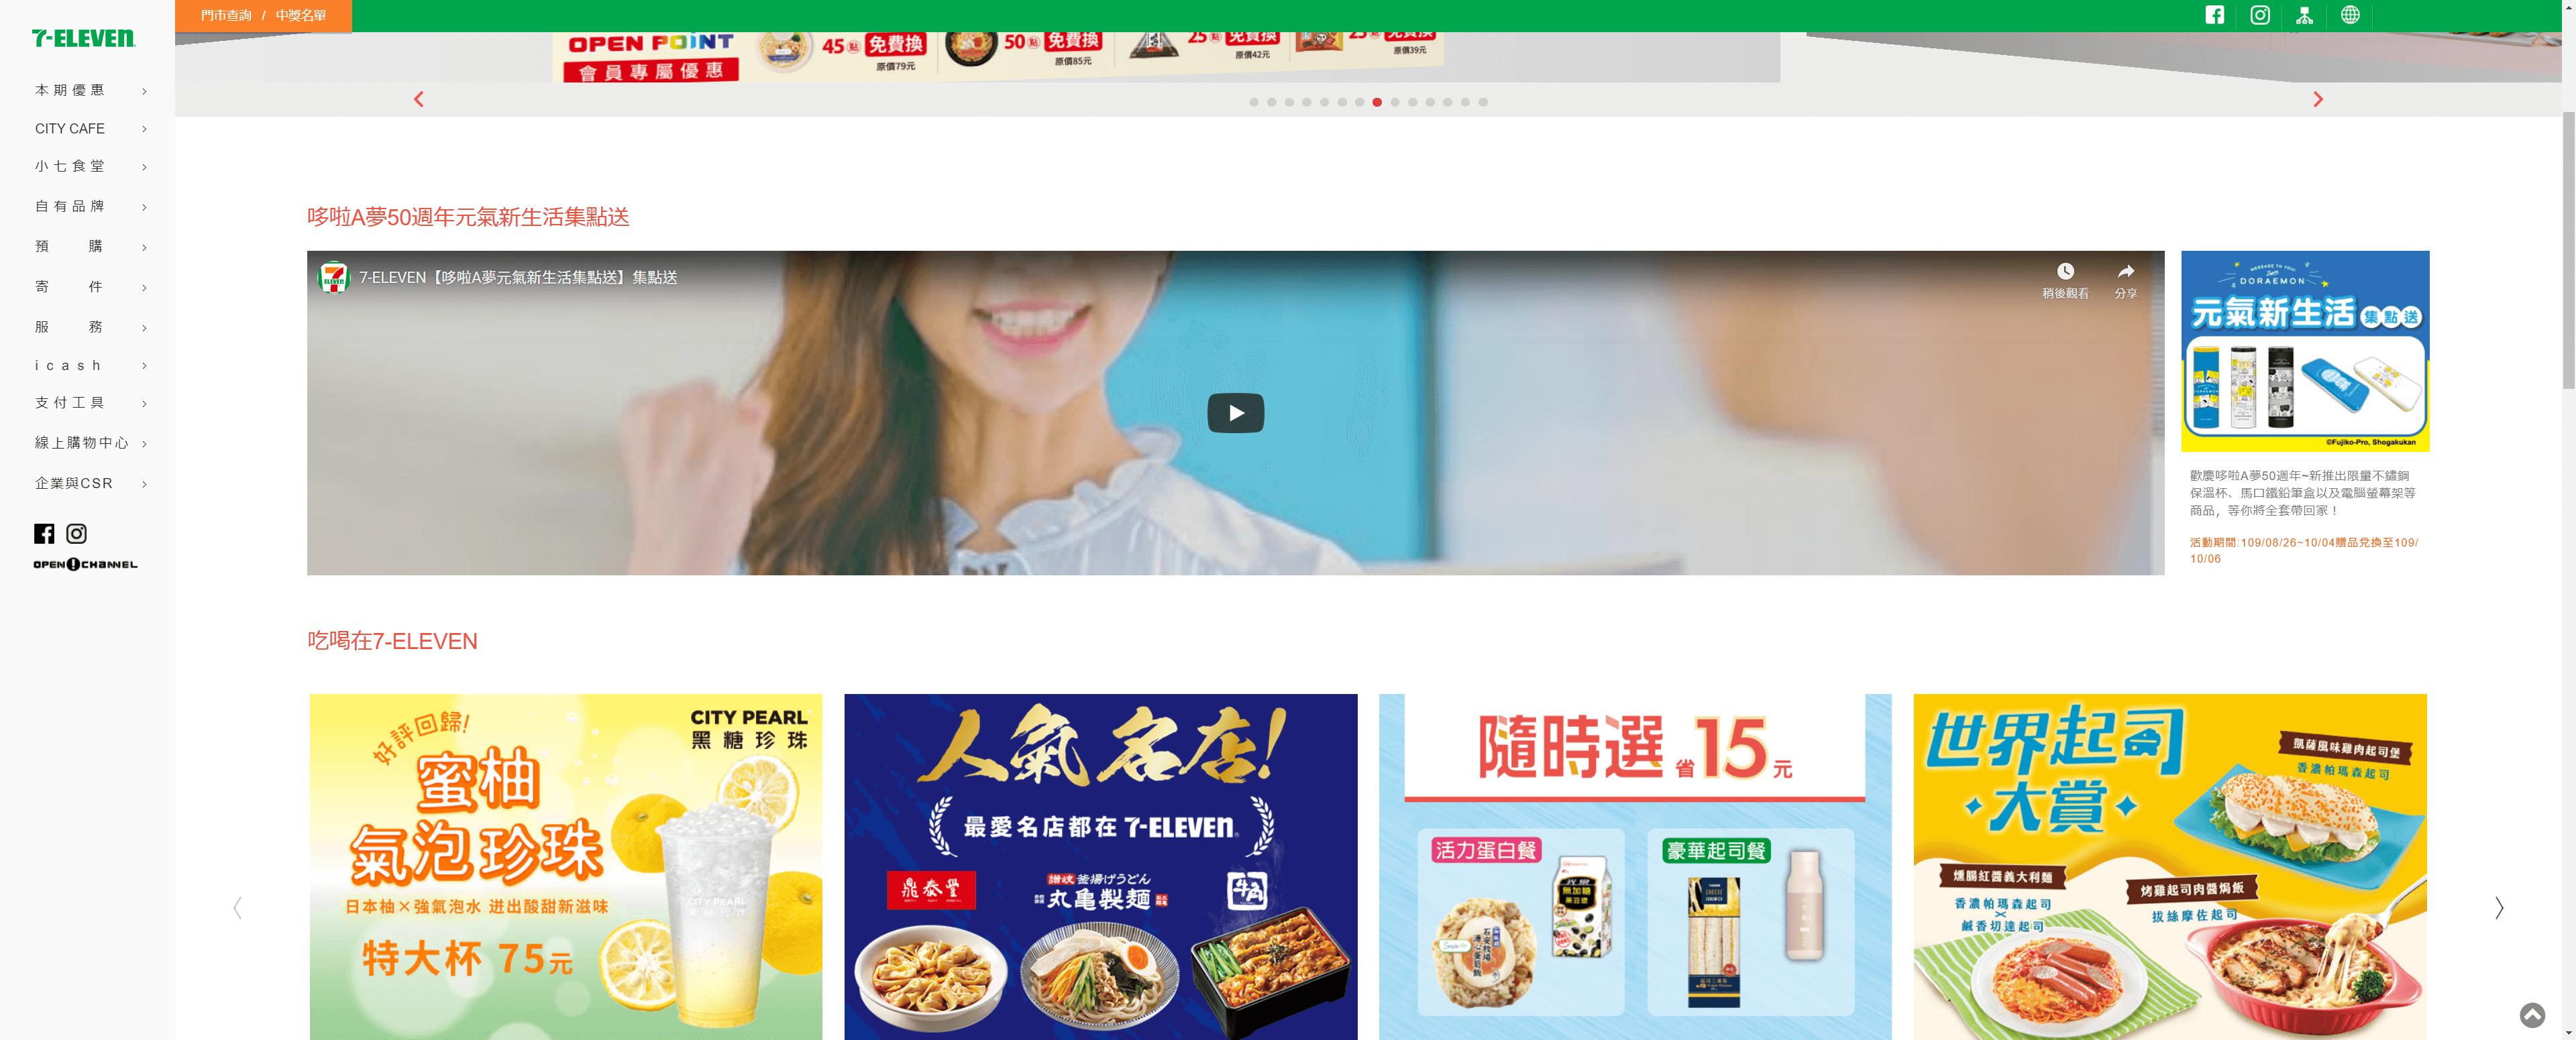 711_website